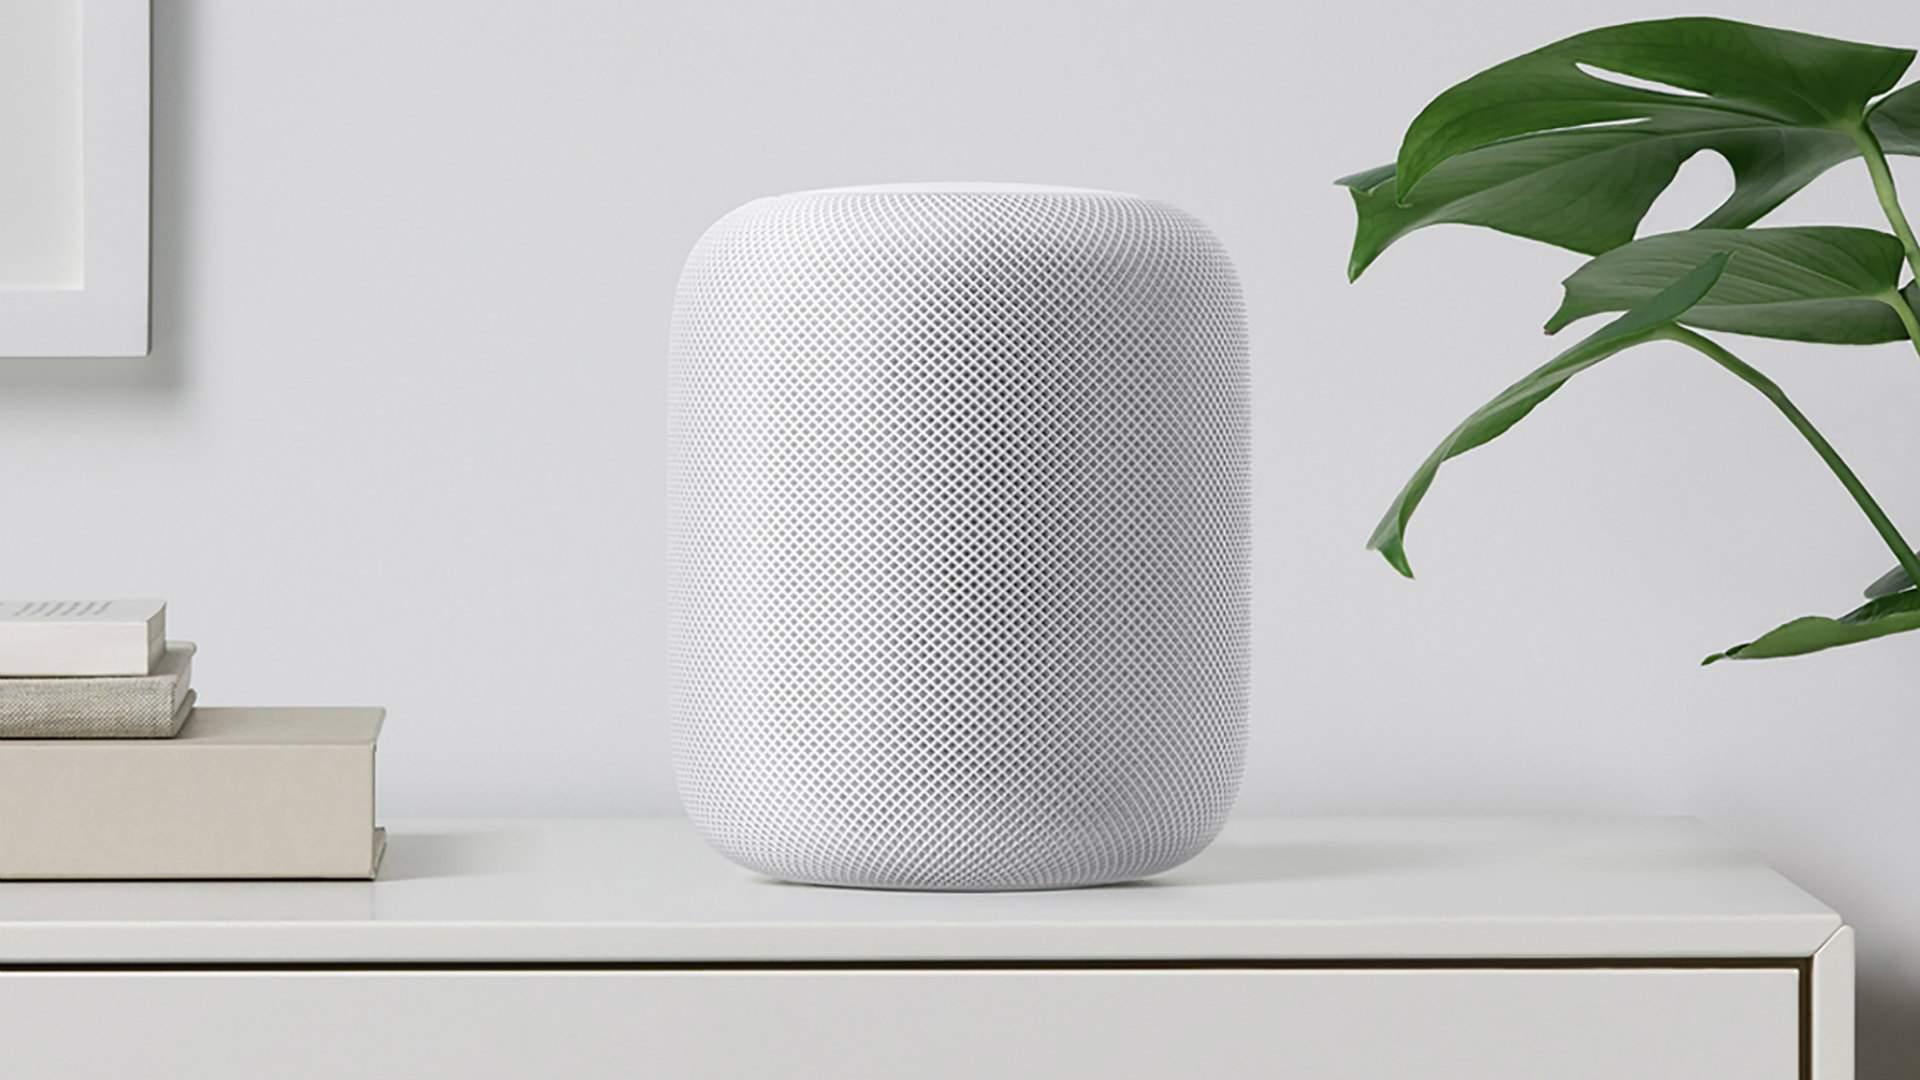 How Apple's New HomePod Smart Speaker Works